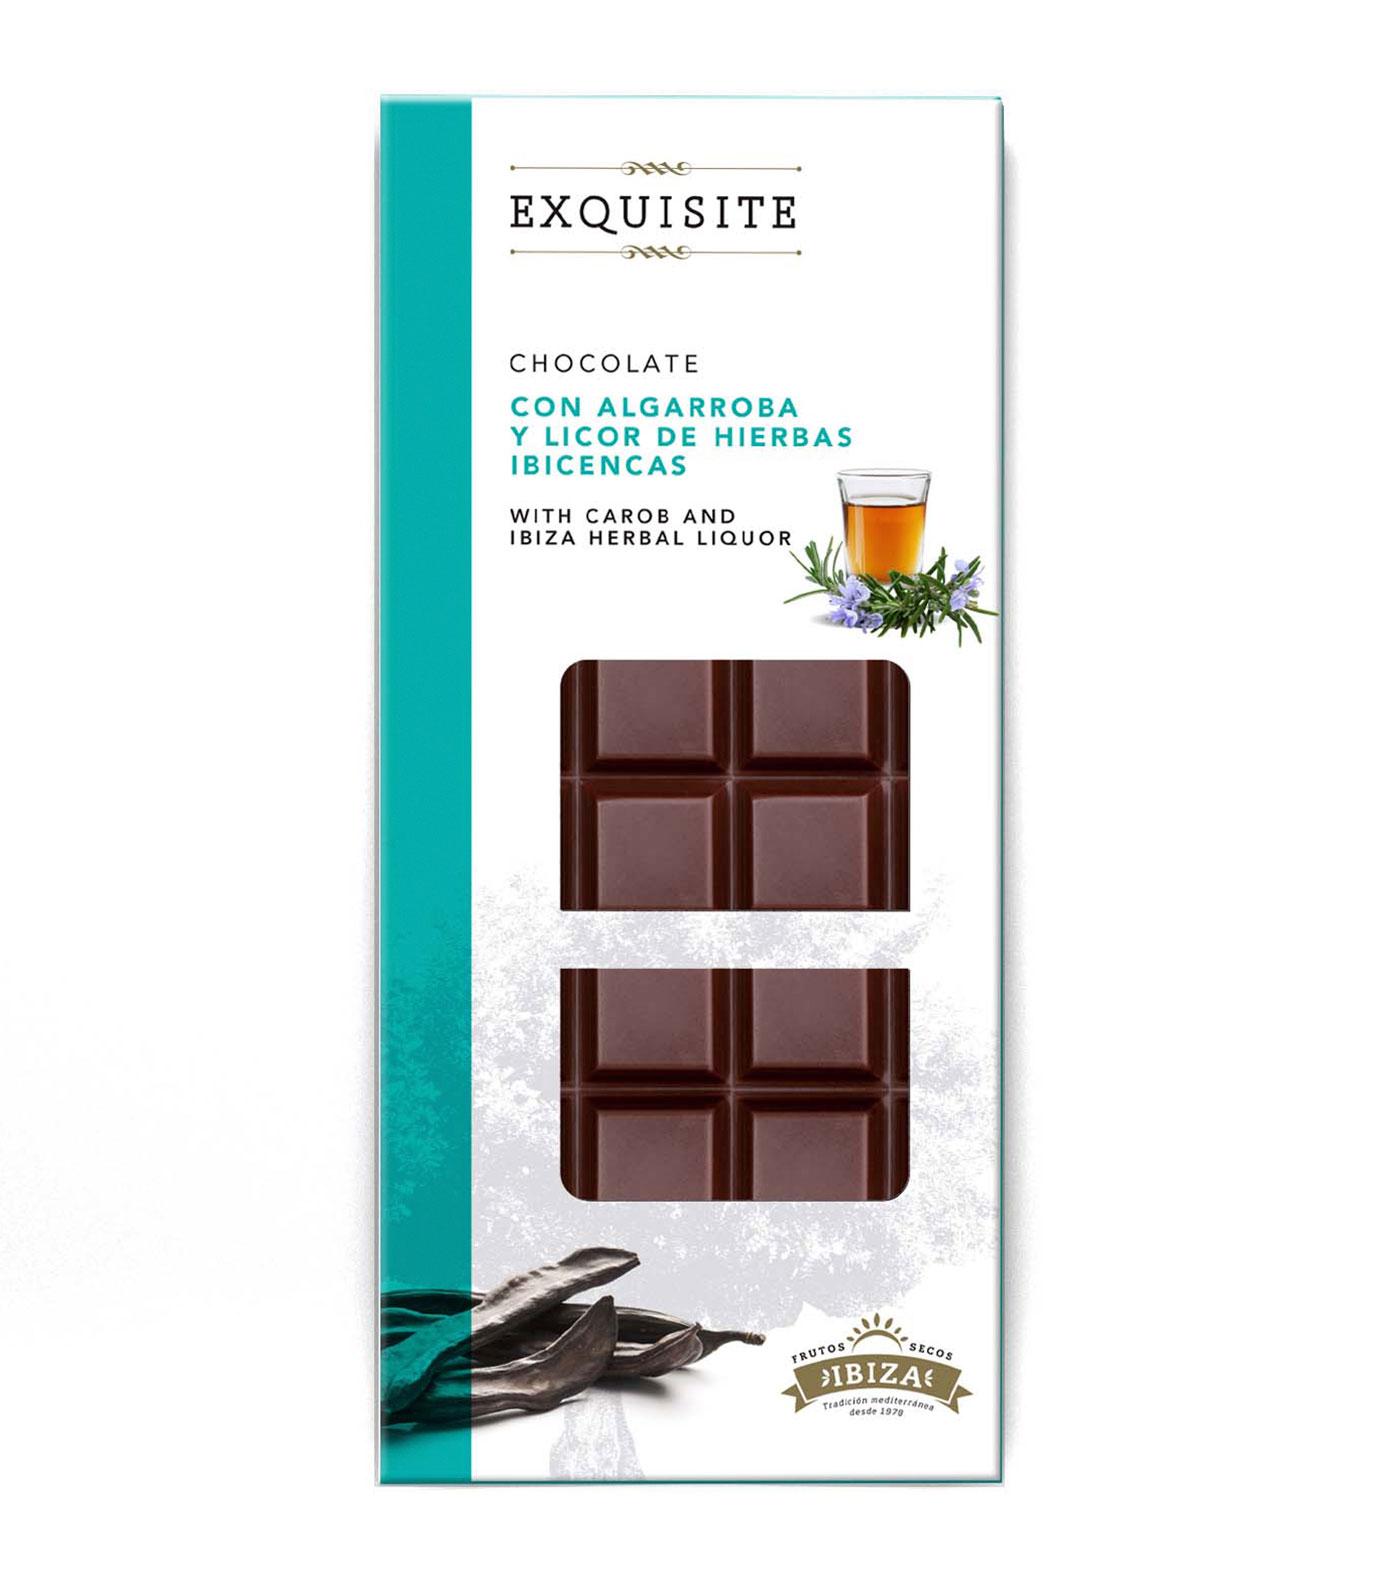 4 CHOCOLATE-CON-ALGARROBA-Y-HIERBAS-IBICENCAS-EXQUISITE_1